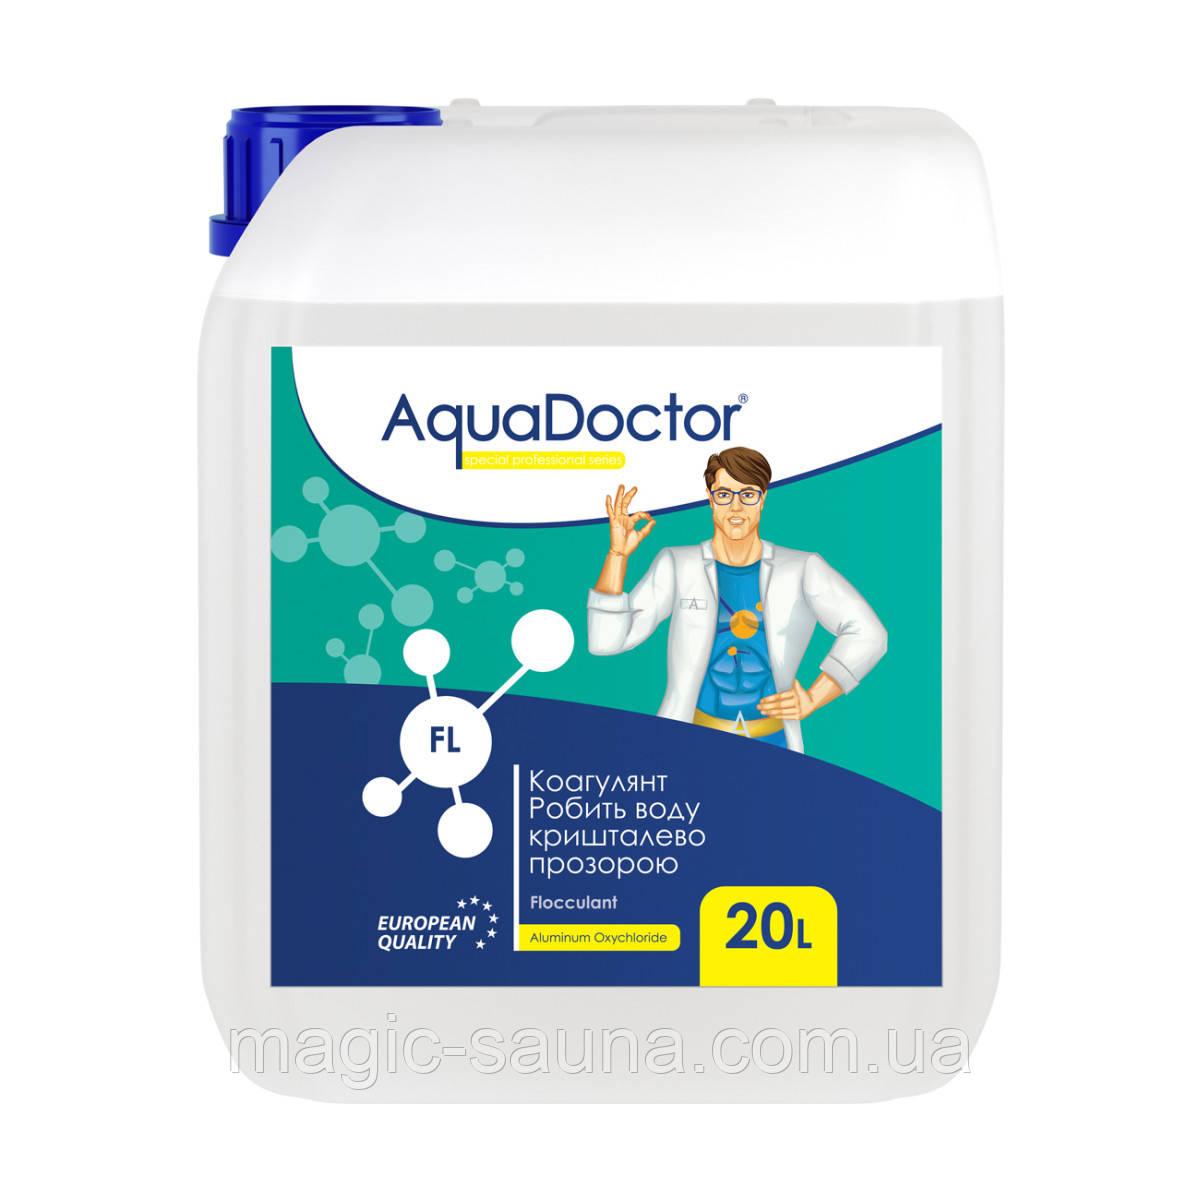 Жидкое коагулирующее средство 20л AquaDoctor FL